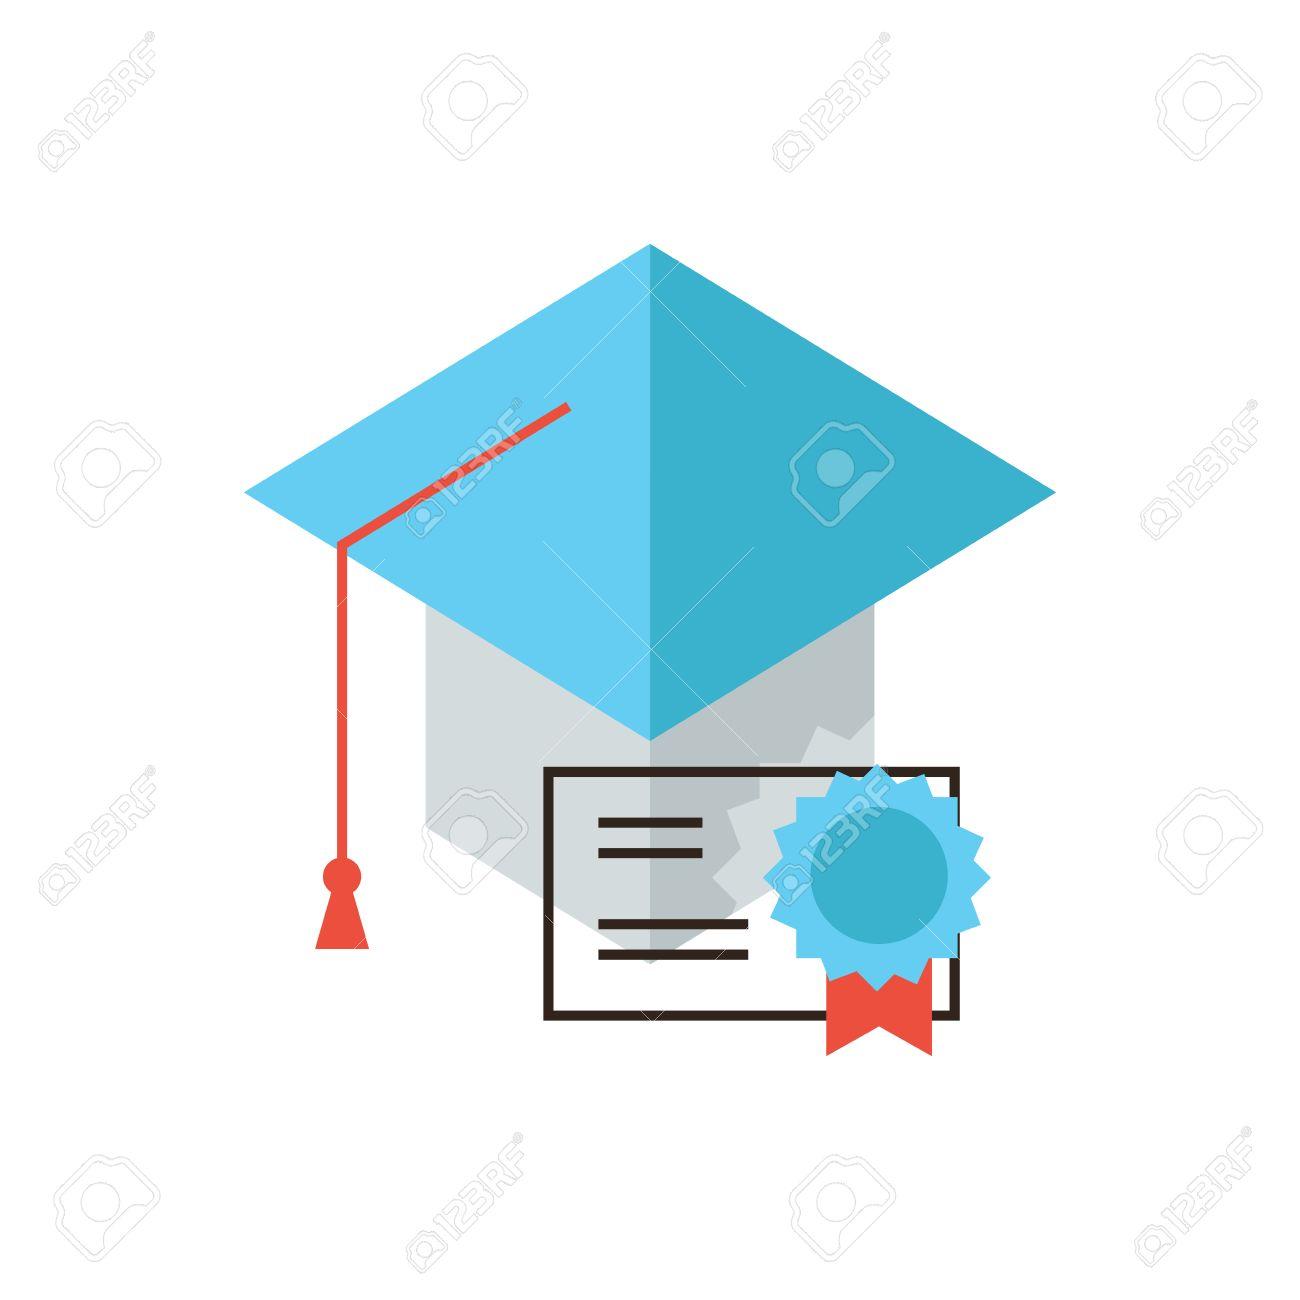 Icono De Línea Delgada Con Elemento De Diseño Plano De La Educación  Certificado 9b7ff44f767